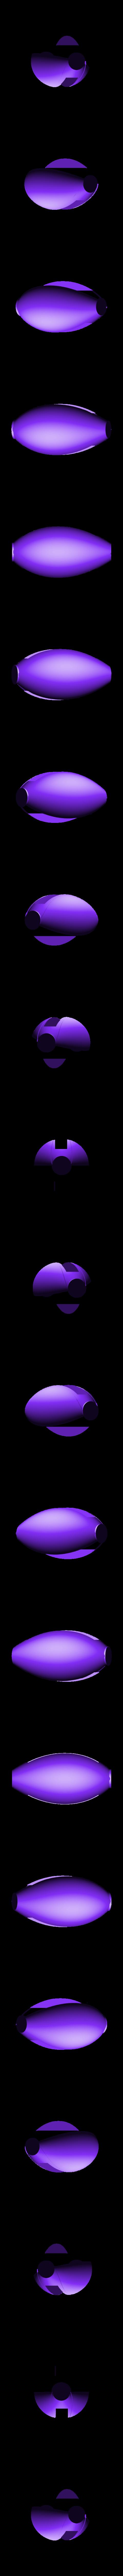 1_leave_small_vase_mode.stl Download free STL file Servo Flower • 3D printing model, Job